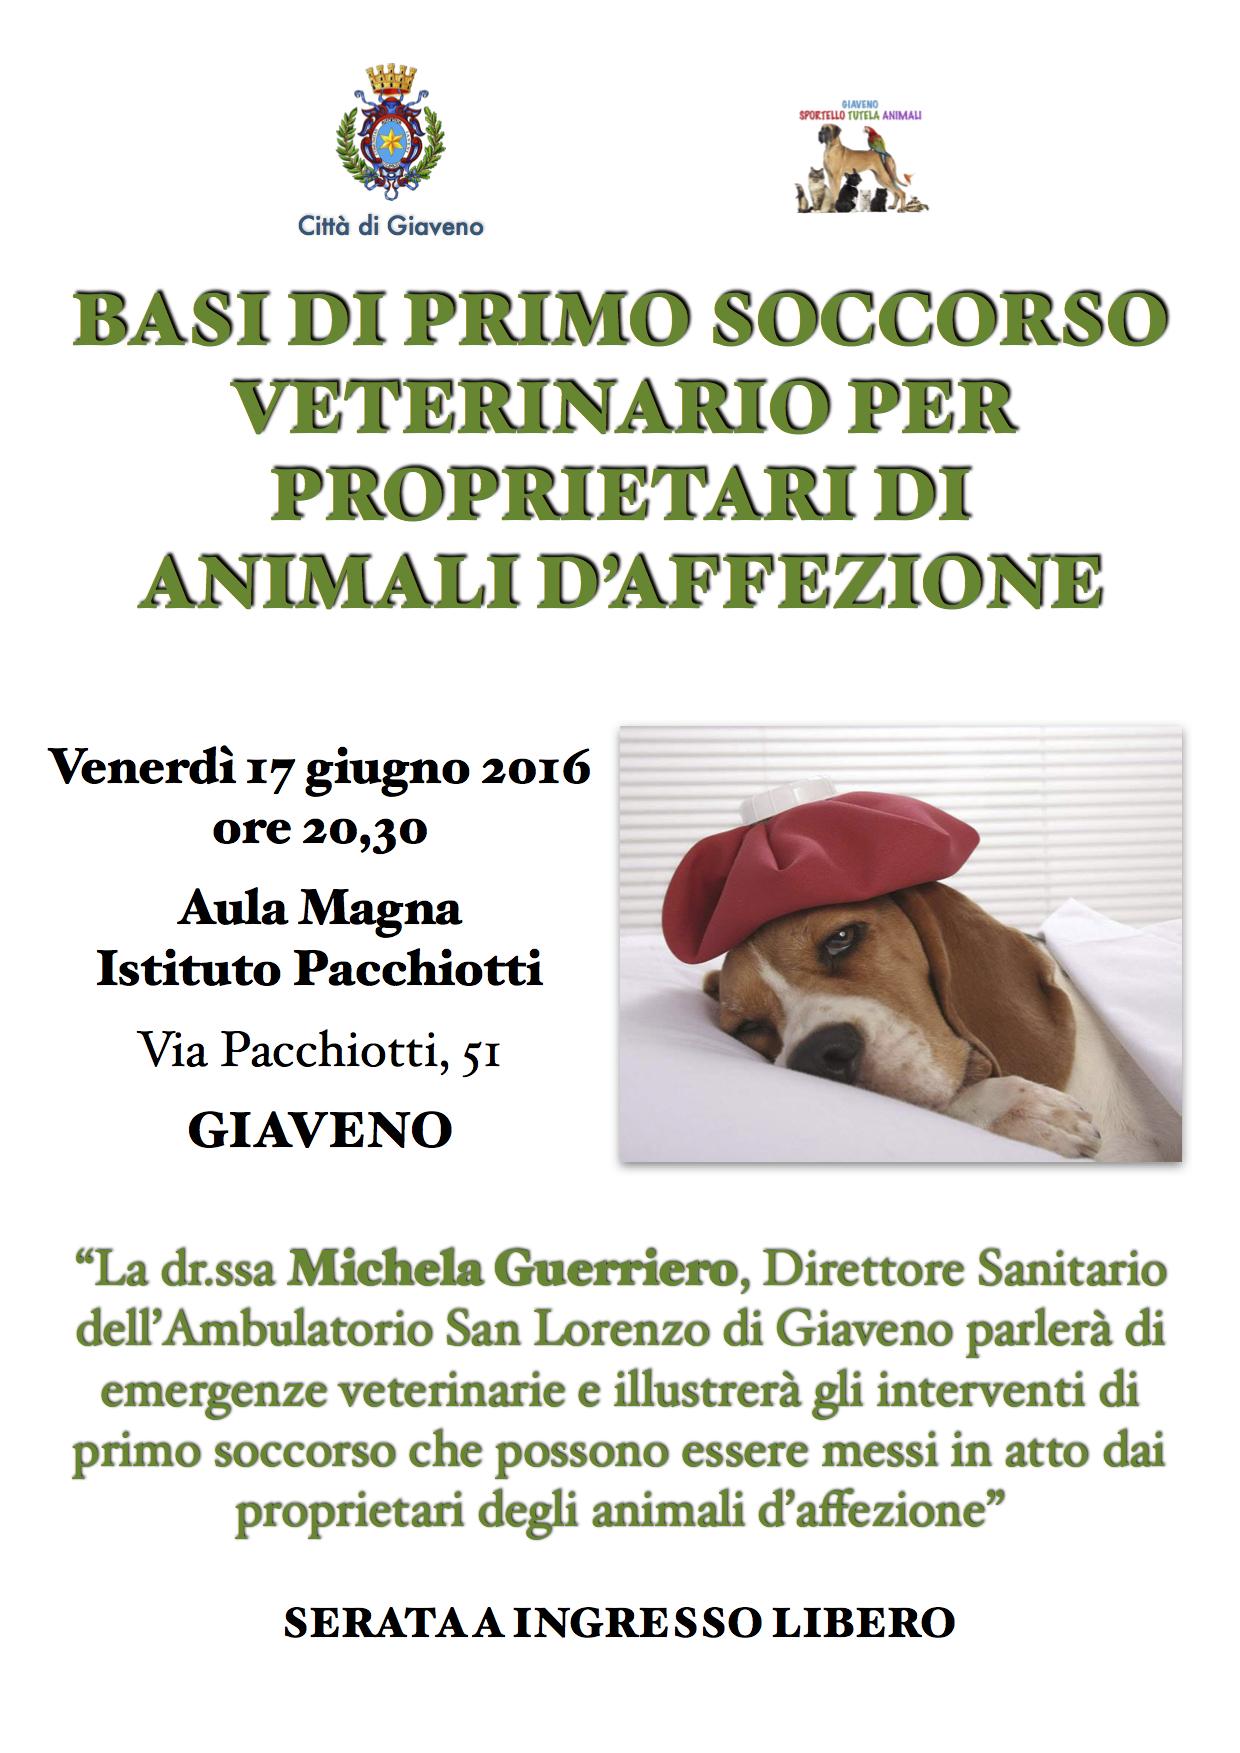 Basi di primo soccorso veterinario  –  Venerdì 17 giugno 2016